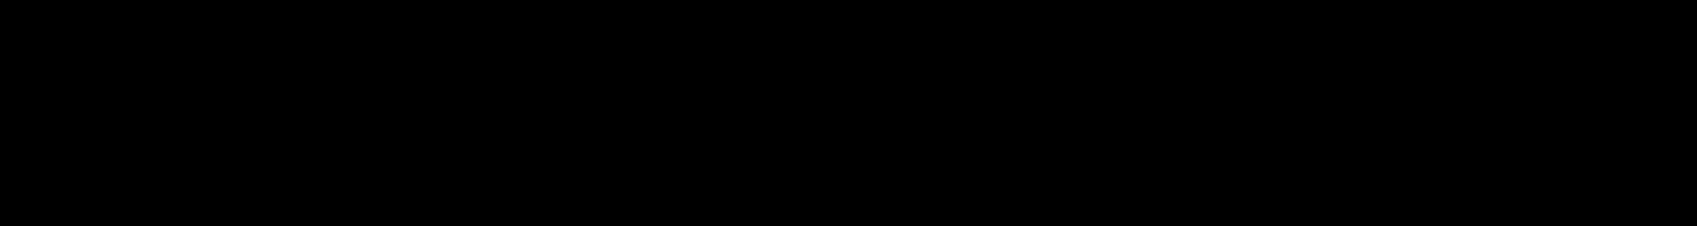 Xylohexaose